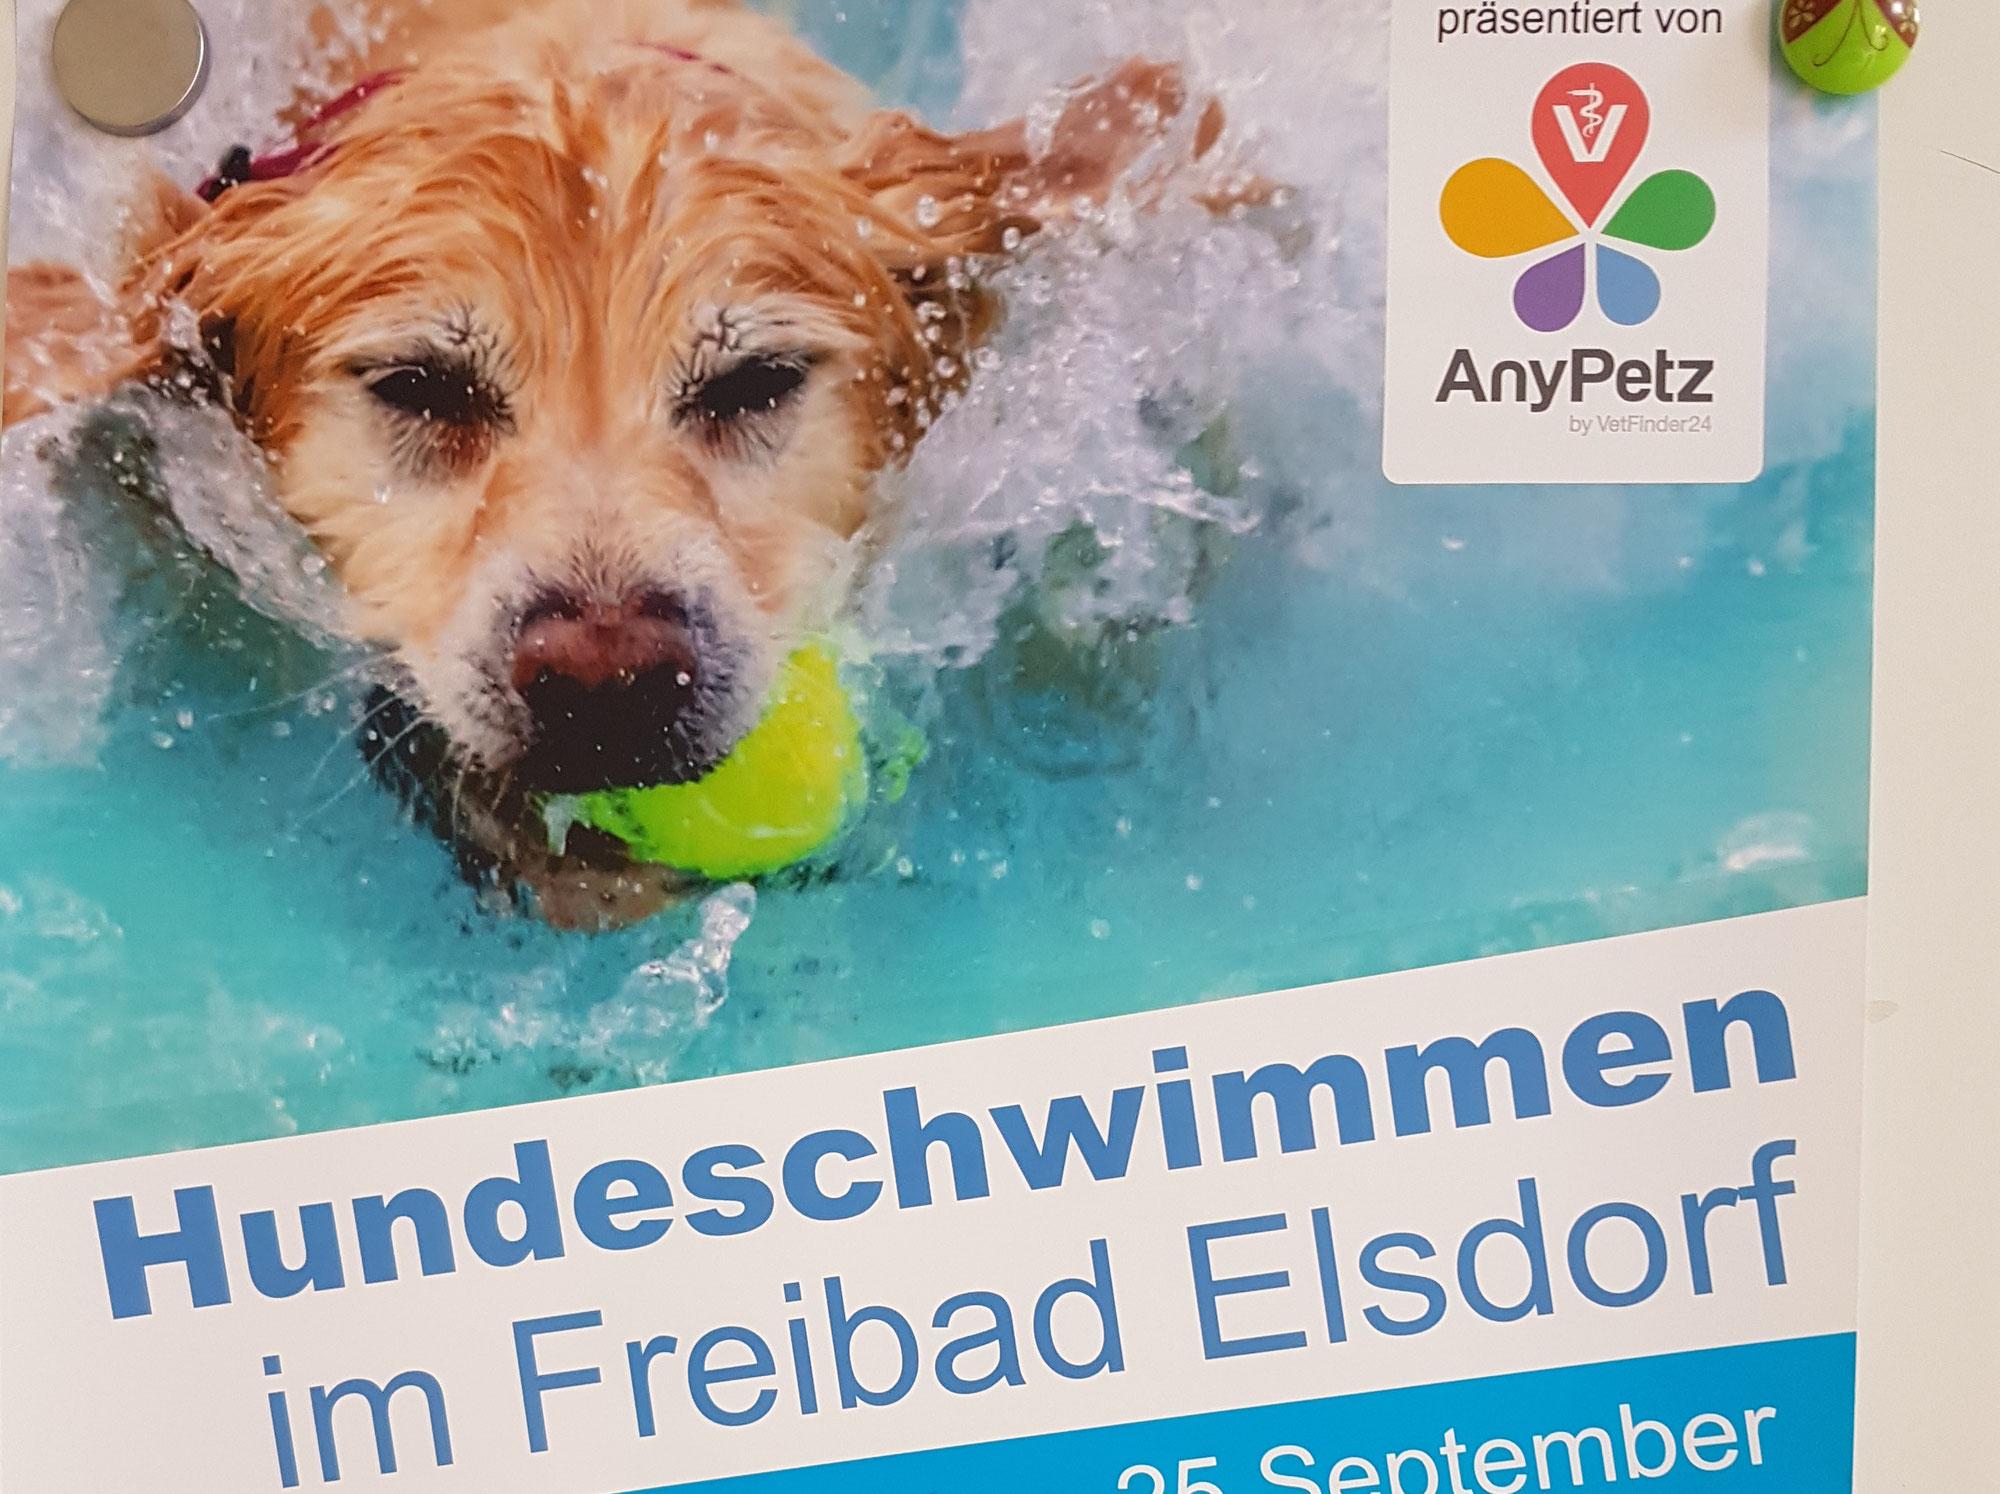 Hundeschwimmen im Freibad Elsdorf